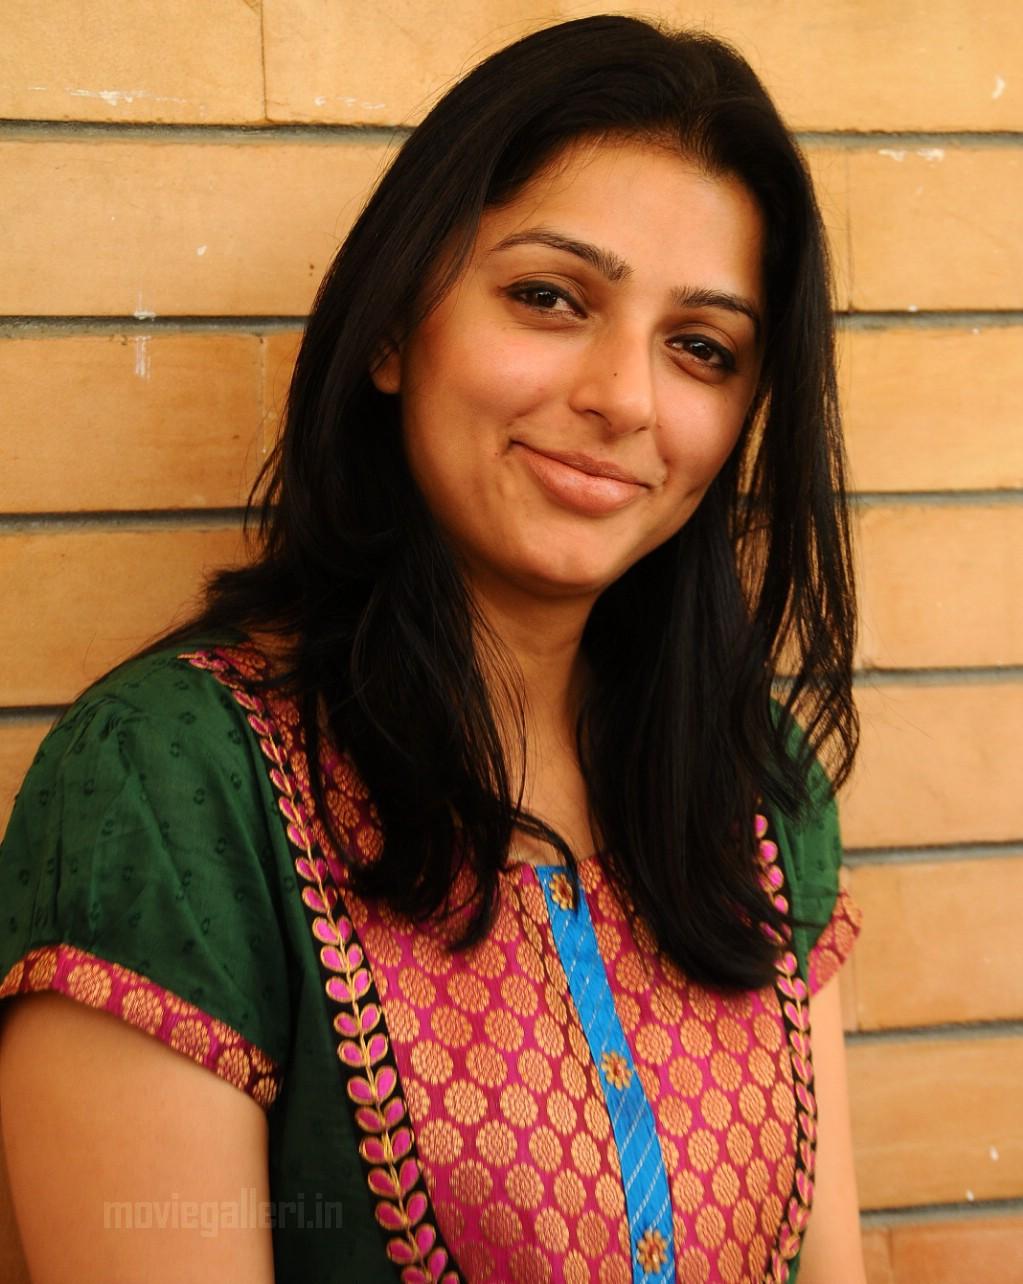 sexy bhumika chawla